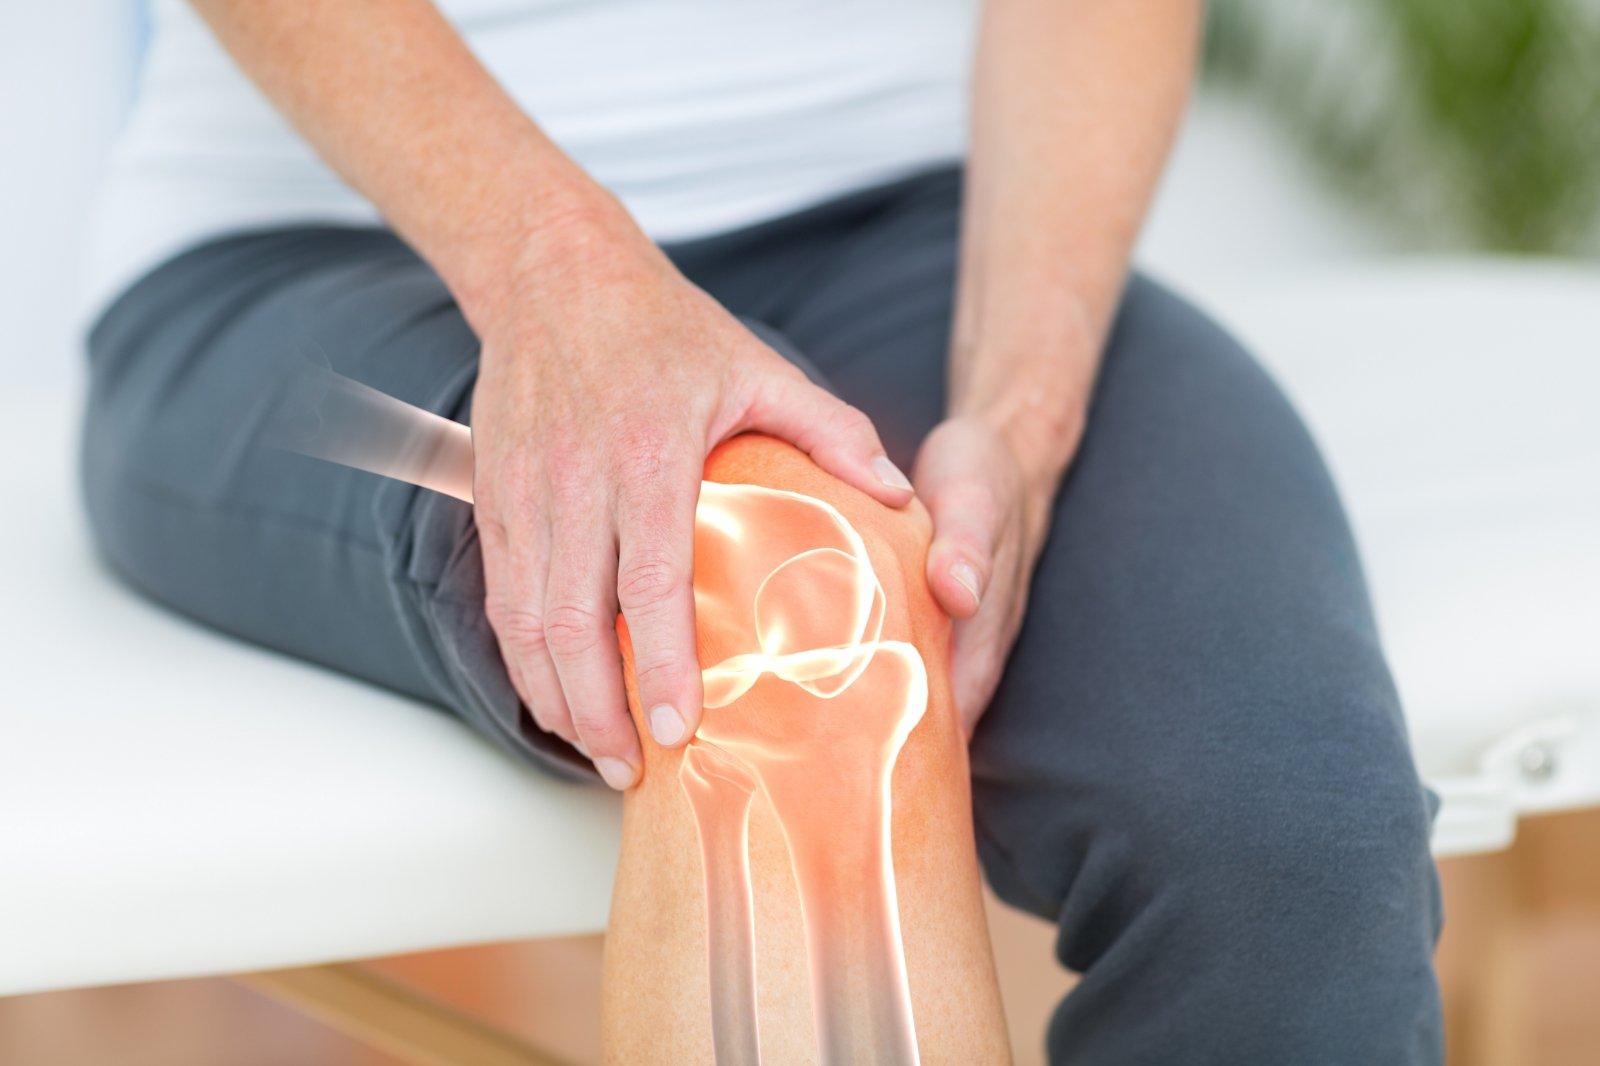 artrozė nuo to ką sąnarių ligonių artrito gydymui phalanx pirštai